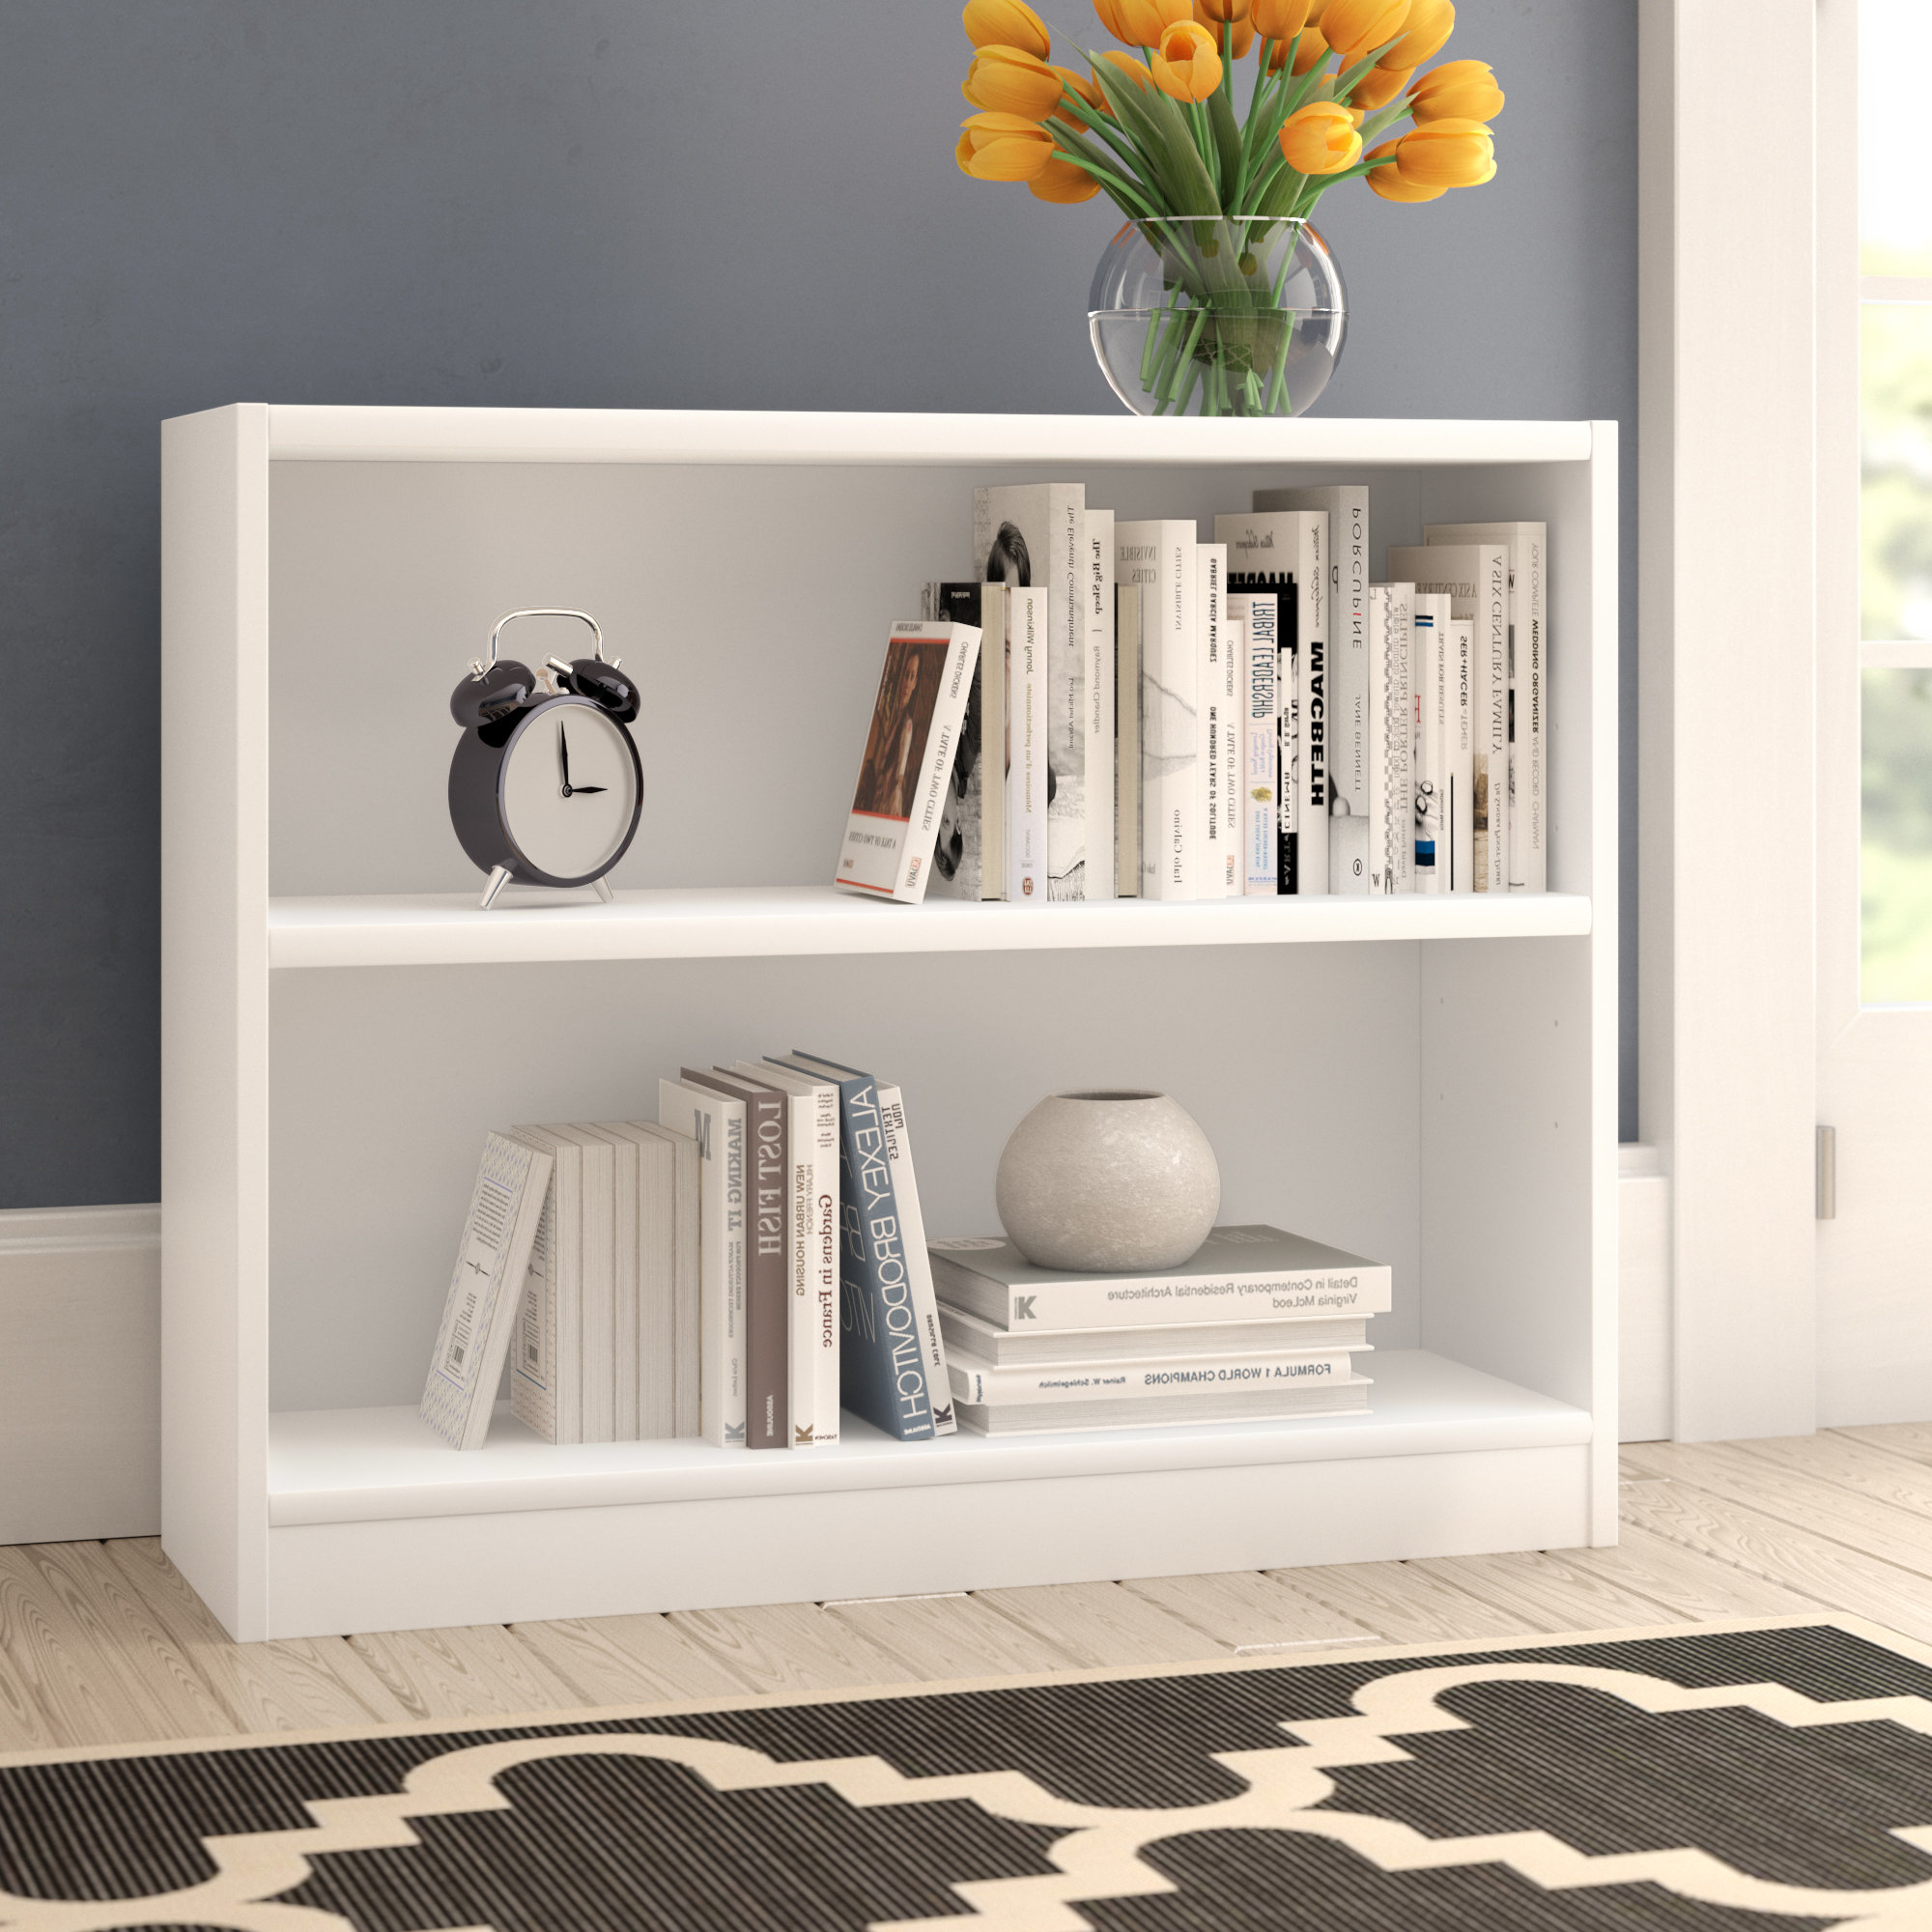 Kirkbride Standard Bookcase Intended For Most Up To Date Kirkbride Standard Bookcases (View 3 of 20)